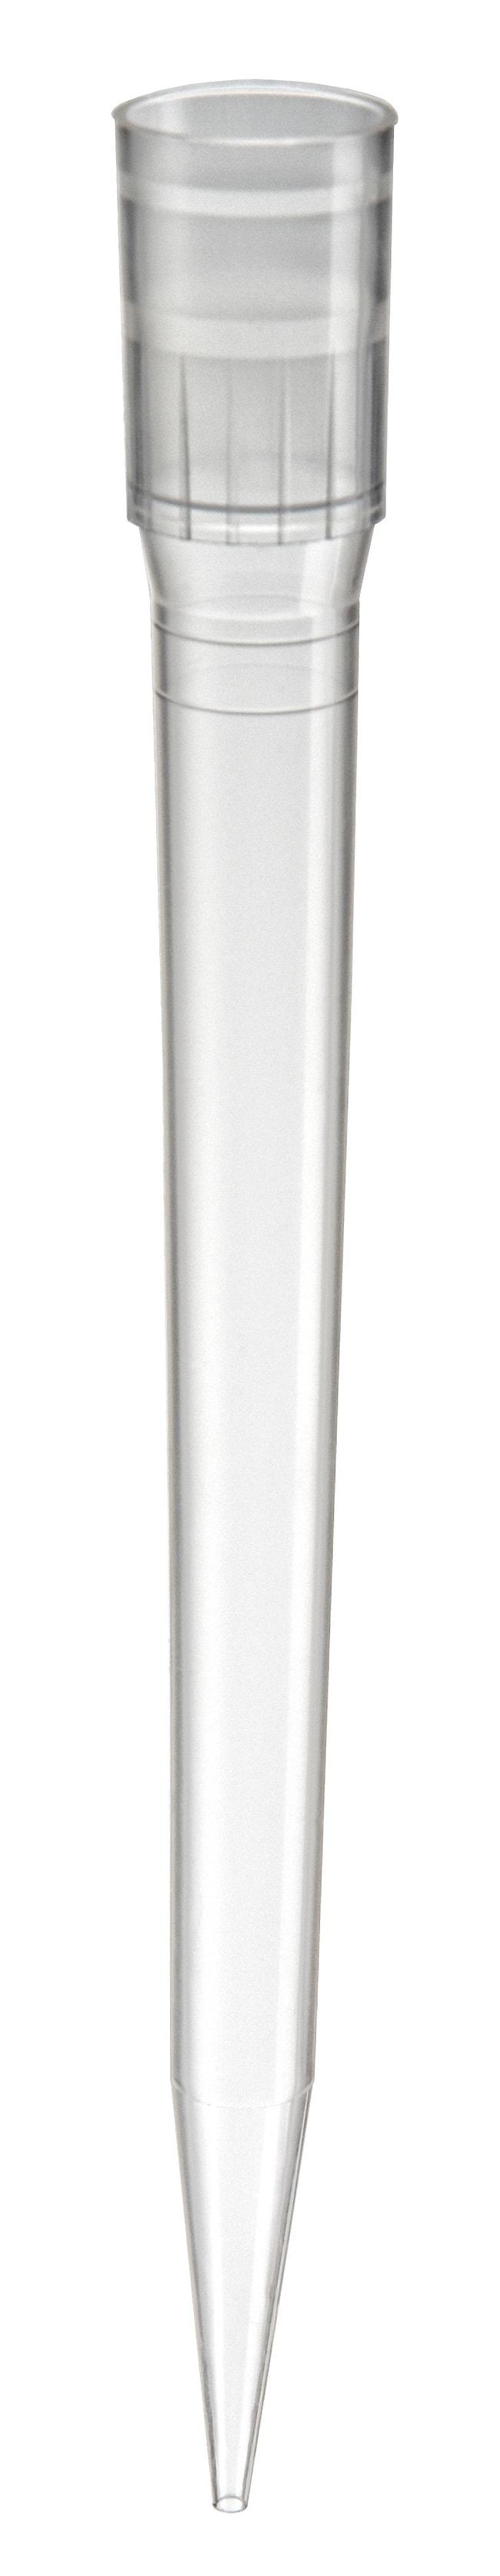 LabconCônes de pipette Eclipse™ Macro de 5ml 250/sachet; 10sachets/boîte; non stériles LabconCônes de pipette Eclipse™ Macro de 5ml